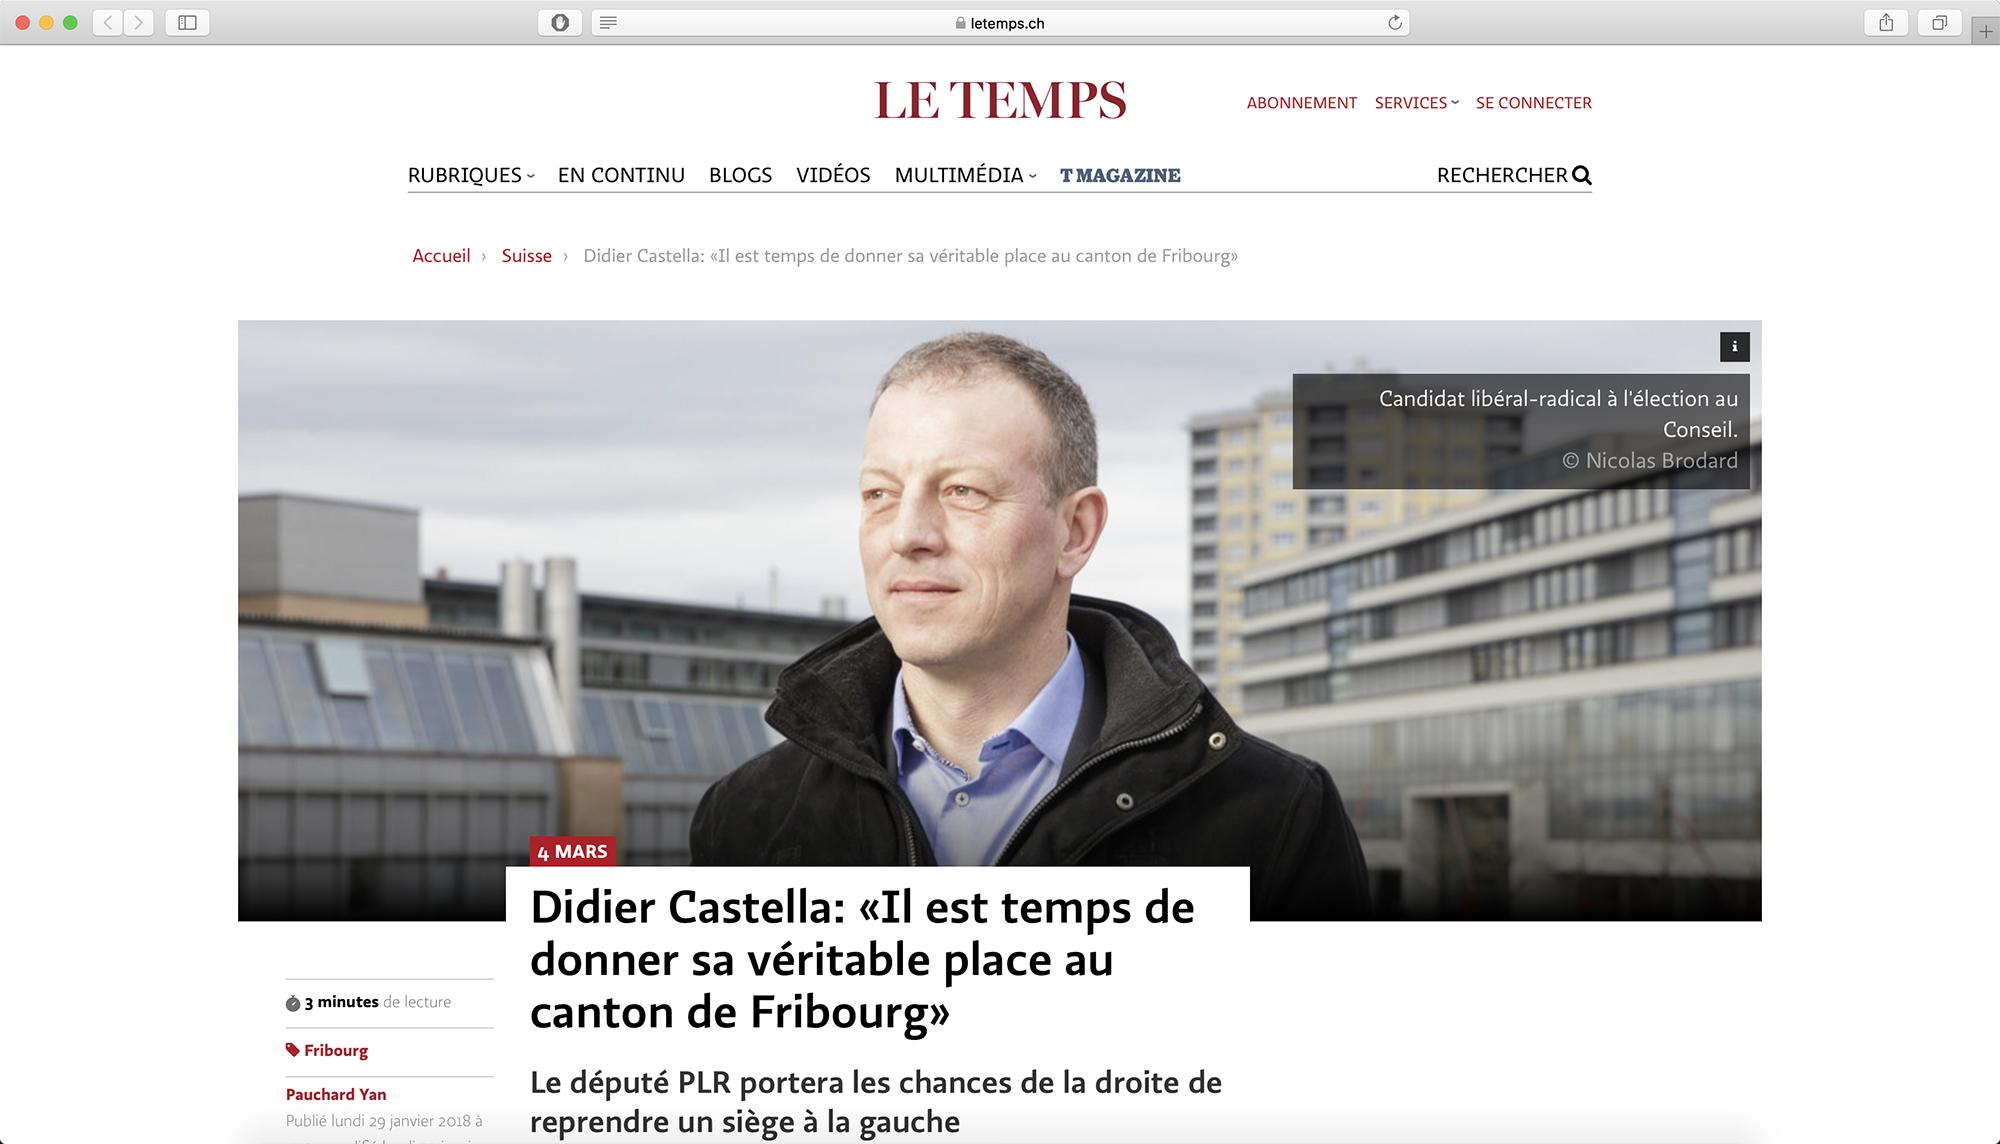 didier-castella-le-temps-2018.jpg